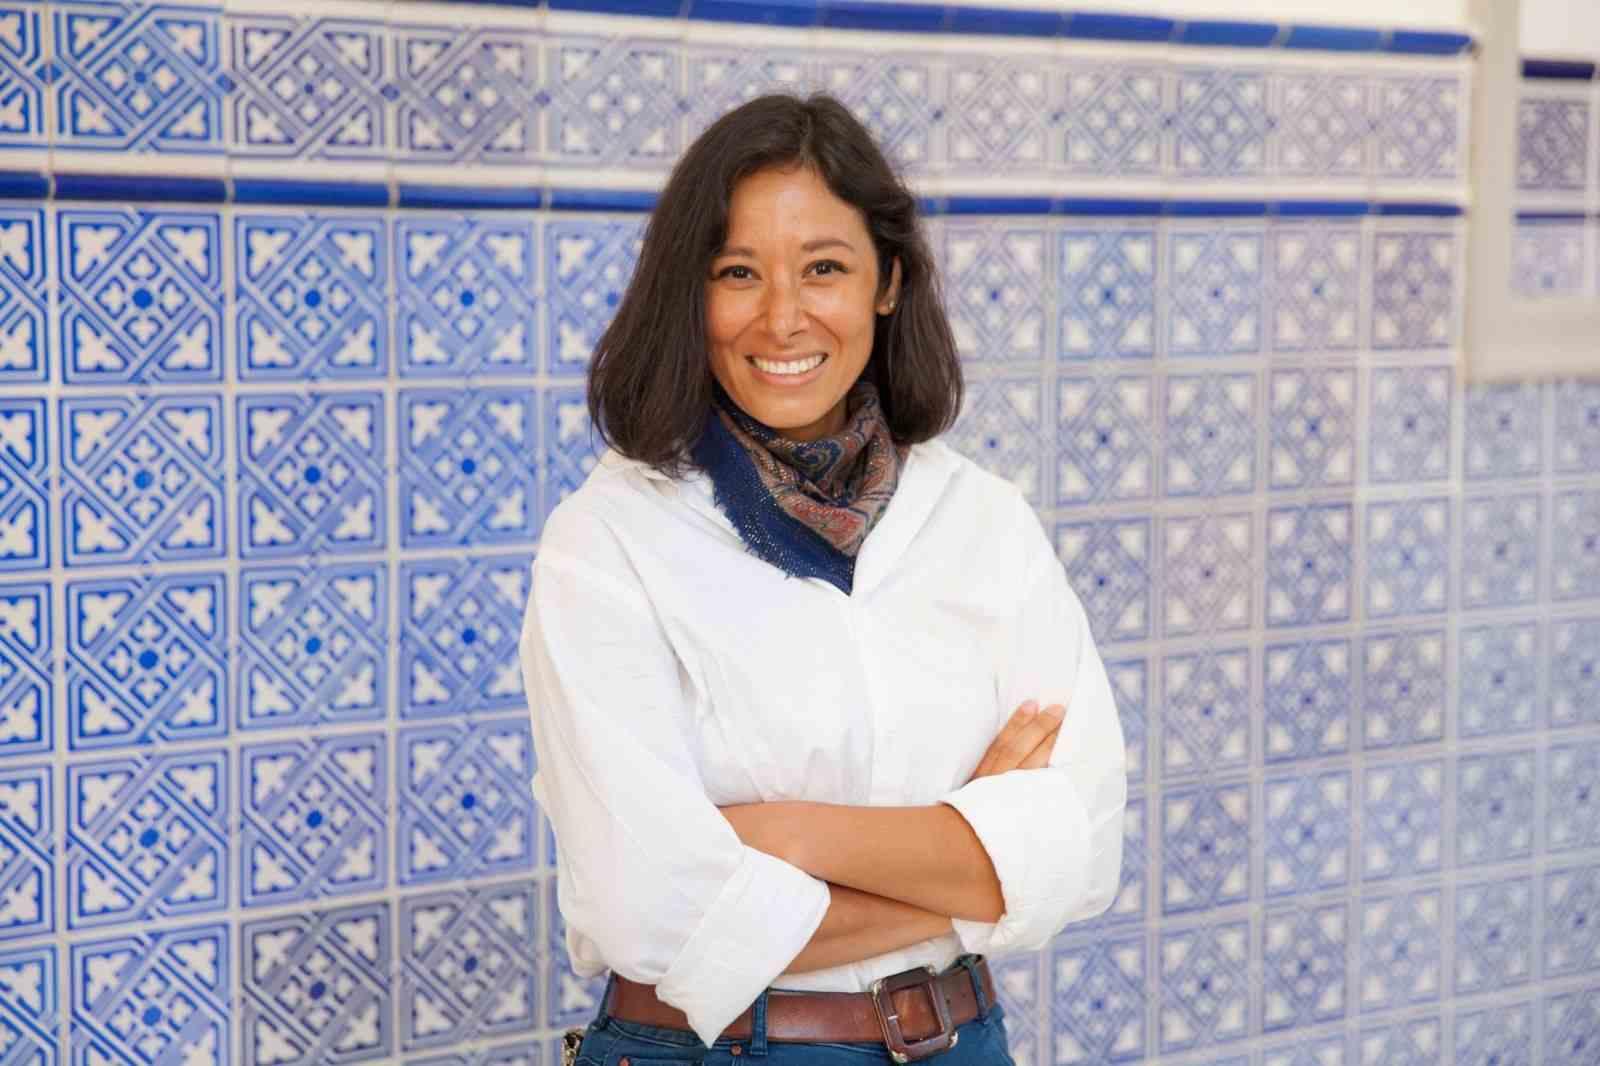 Cecilia Estrada Villaseñor